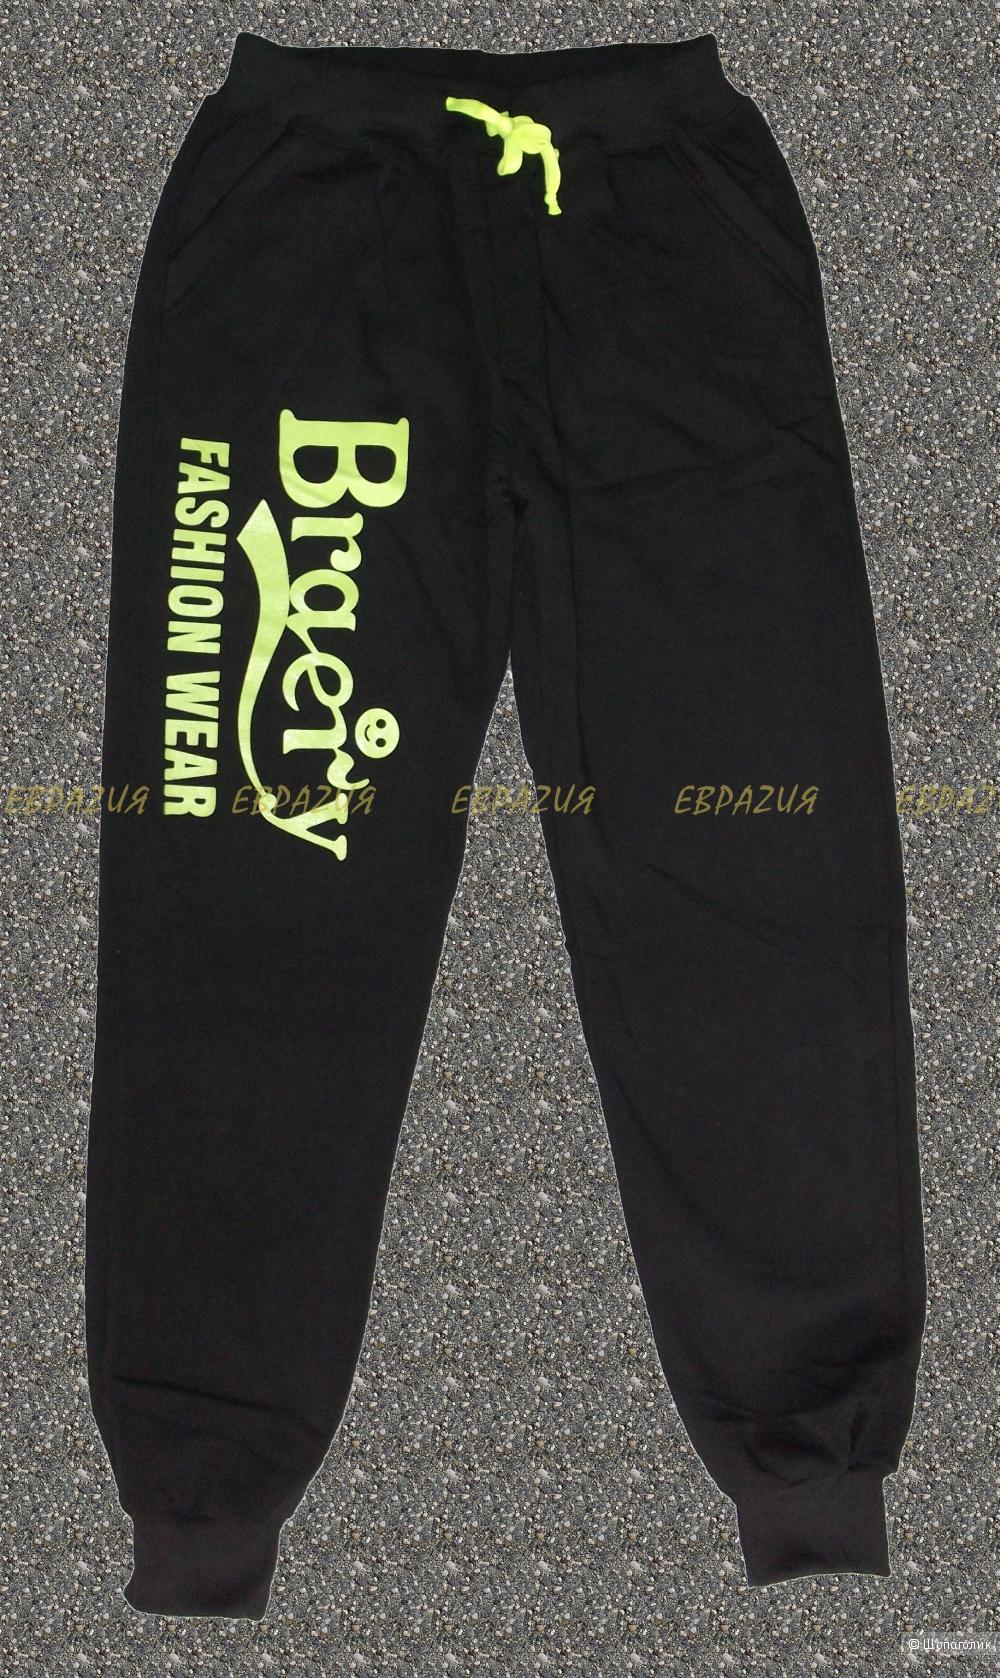 Спортивные штаны.Новые